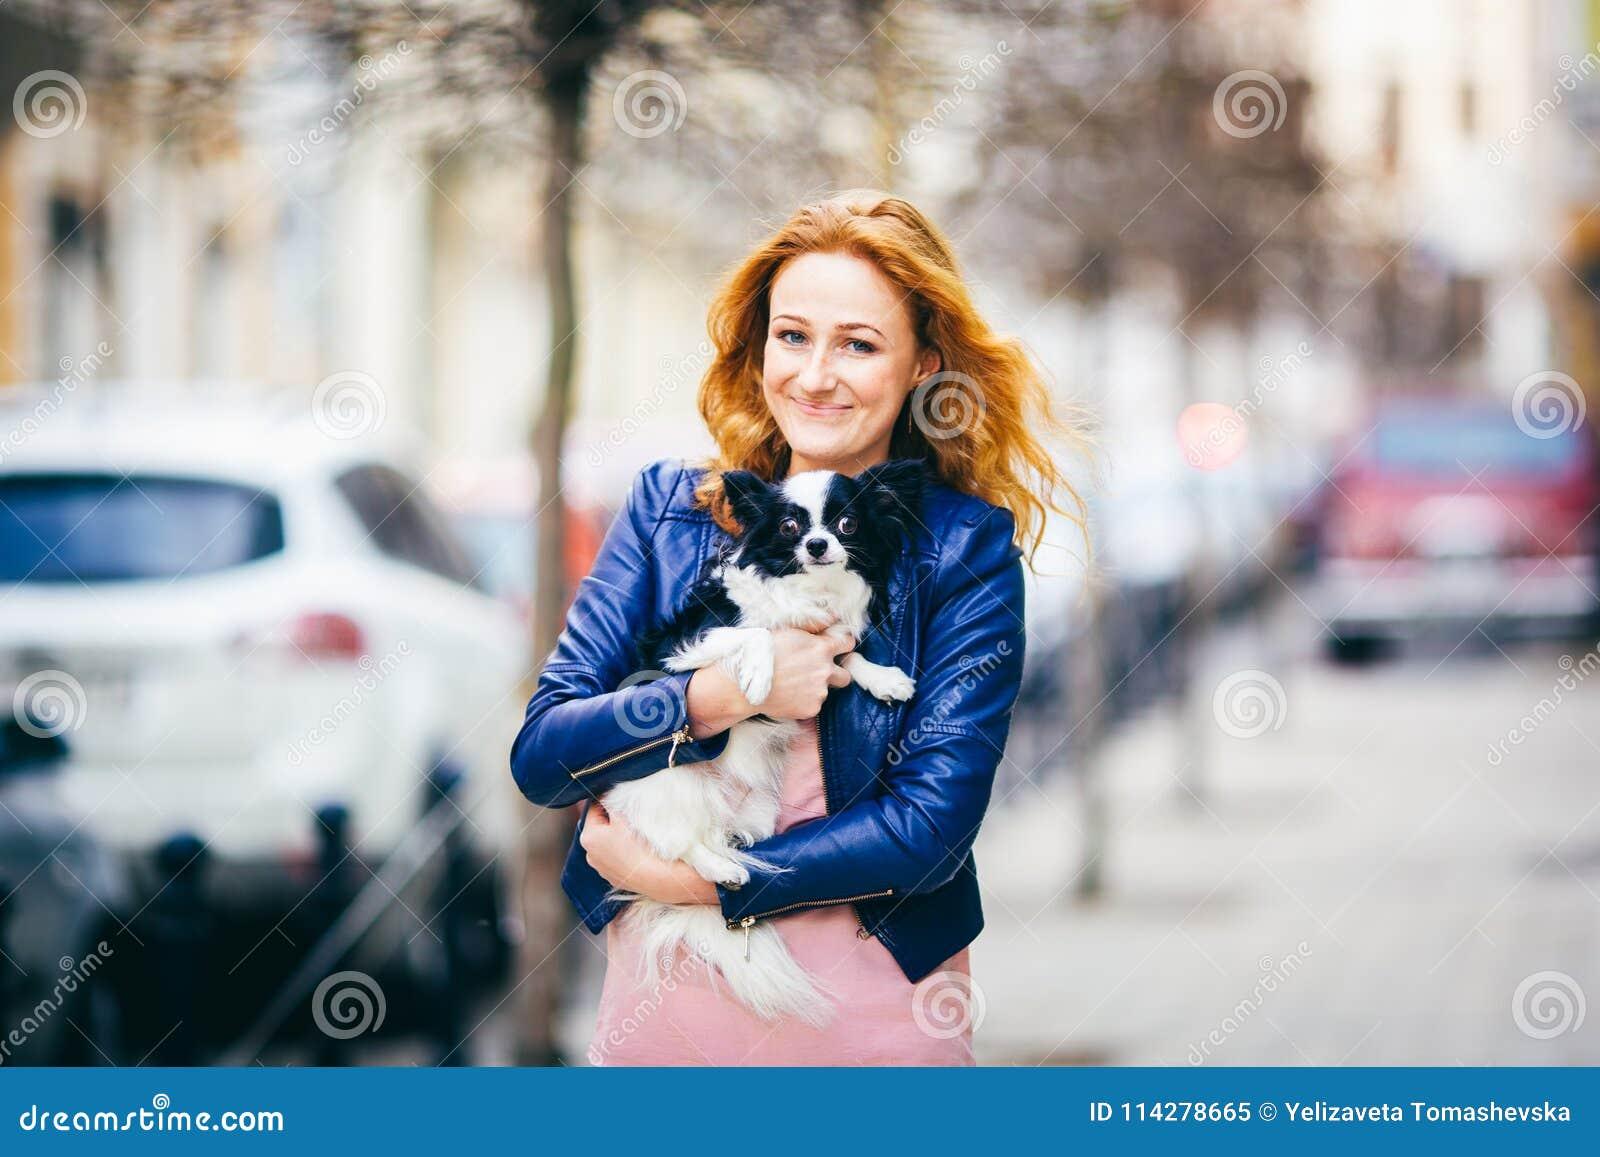 Hombre y perro sujetos mujer caucásica pelirroja joven con las pecas en perro lanudo blanco y negro de la raza de la chihuahua de